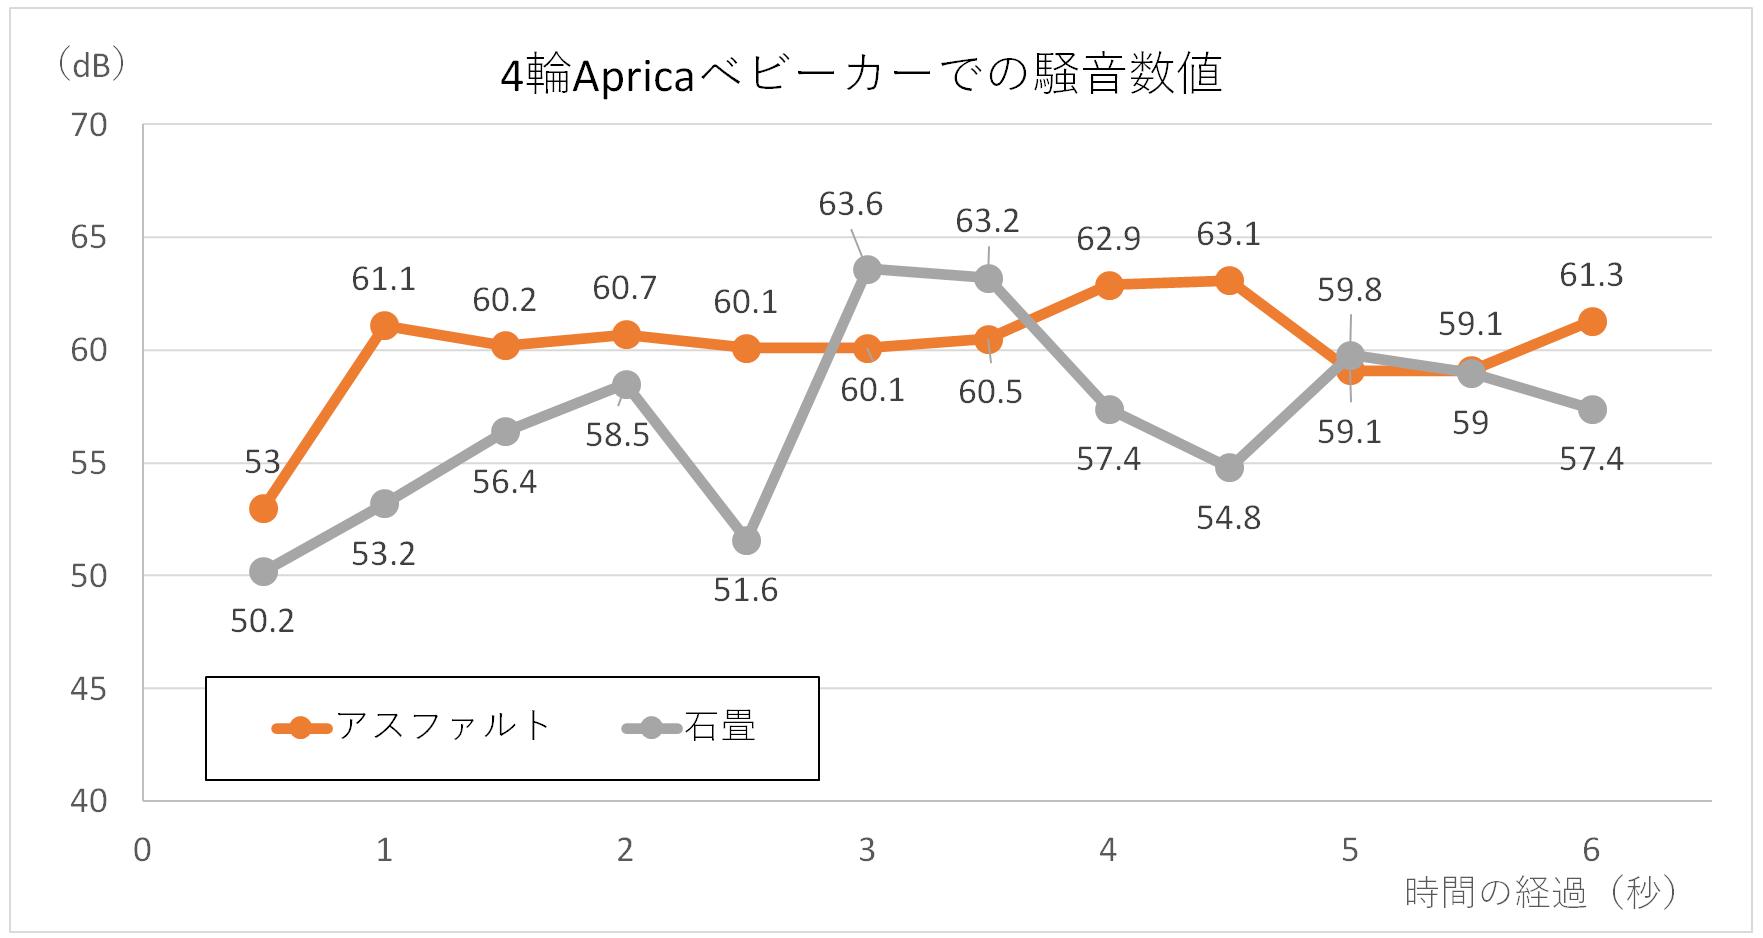 4輪アップリカベビーカーの騒音グラフ